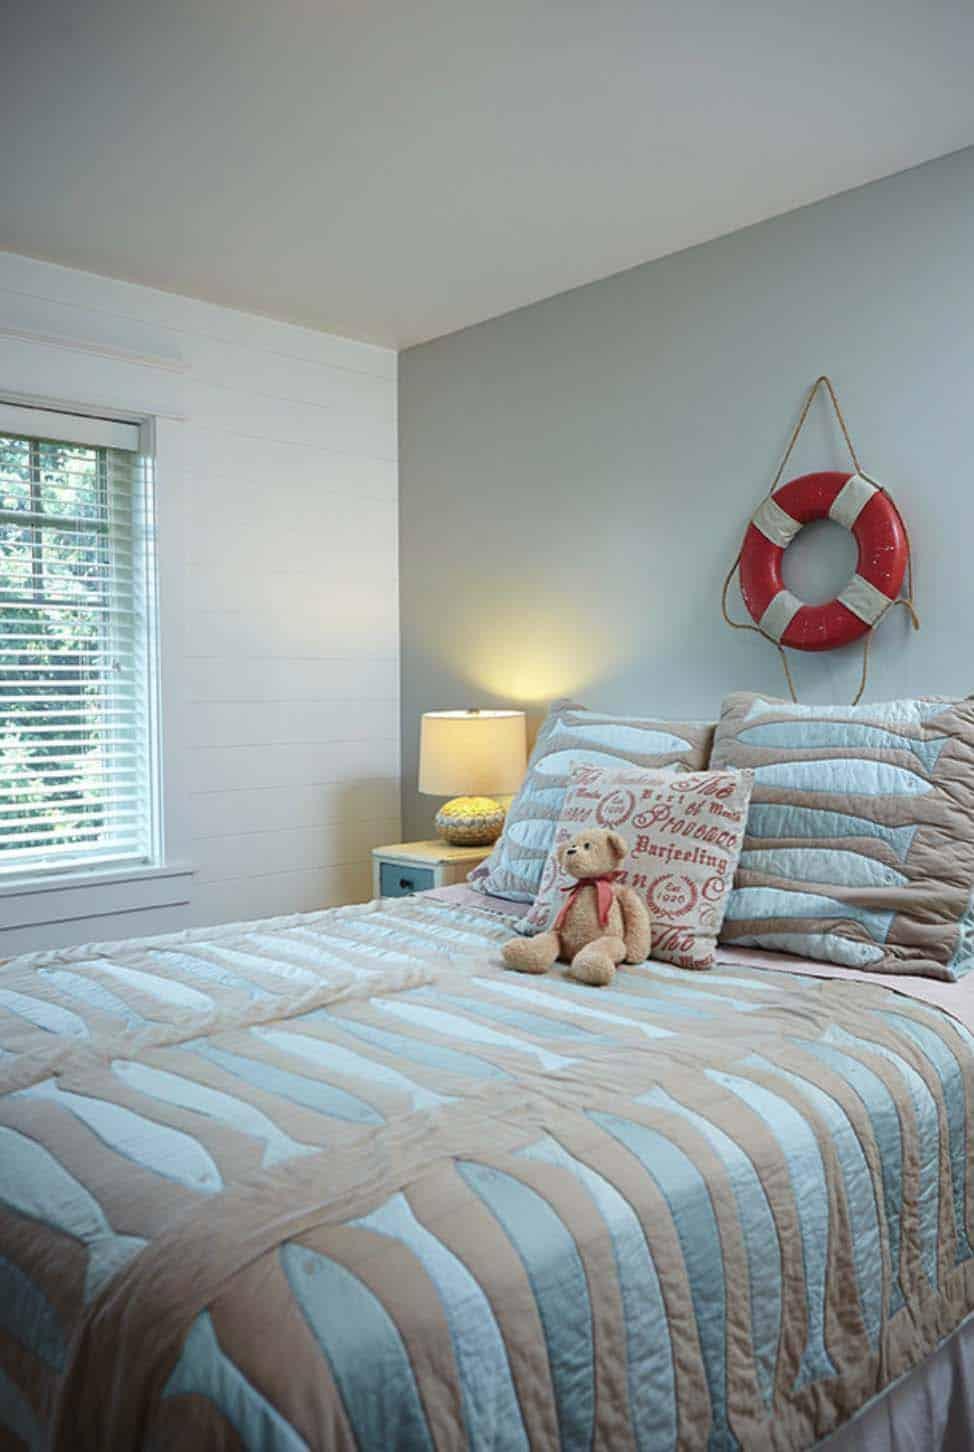 Cottage familial de style plage-Villa Decor-25-1 Kindesign